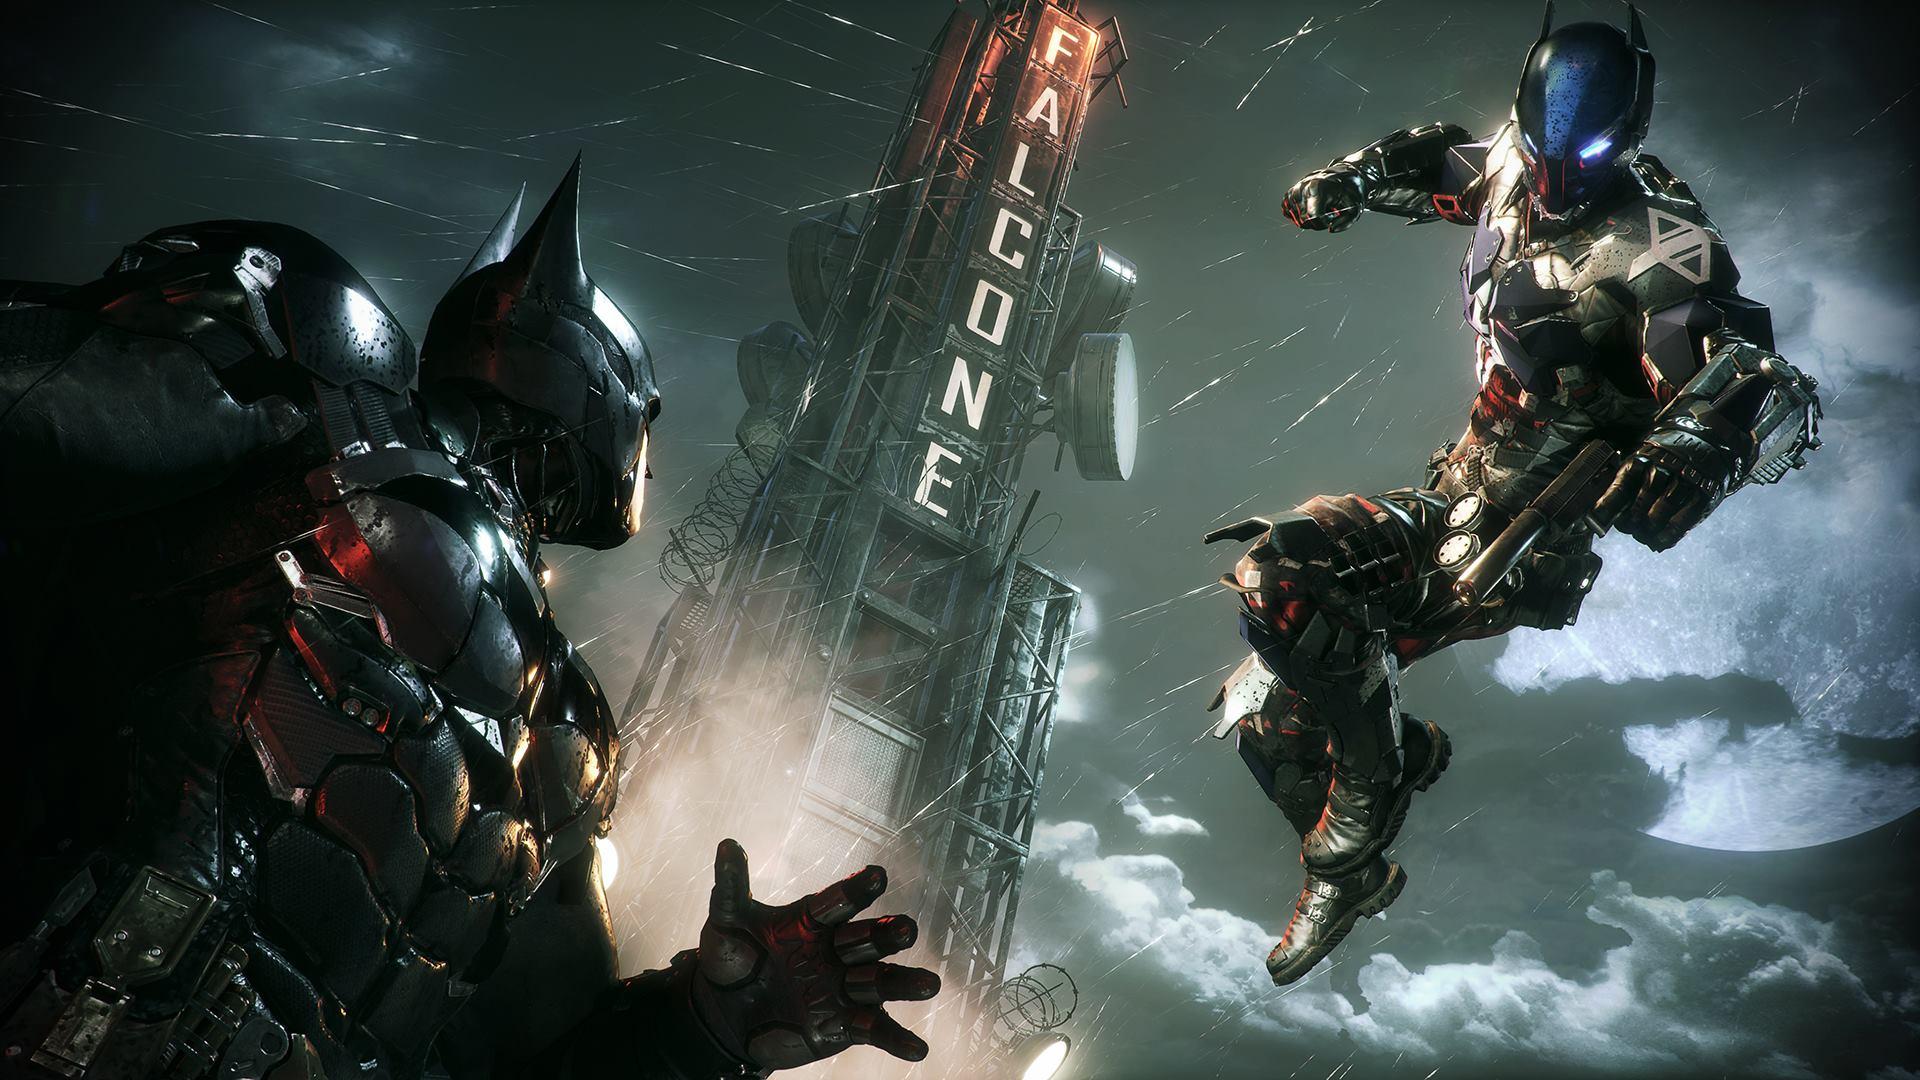 Batman Arkham Knight aneb pojďme změnit to, co do teď fungovalo 11104